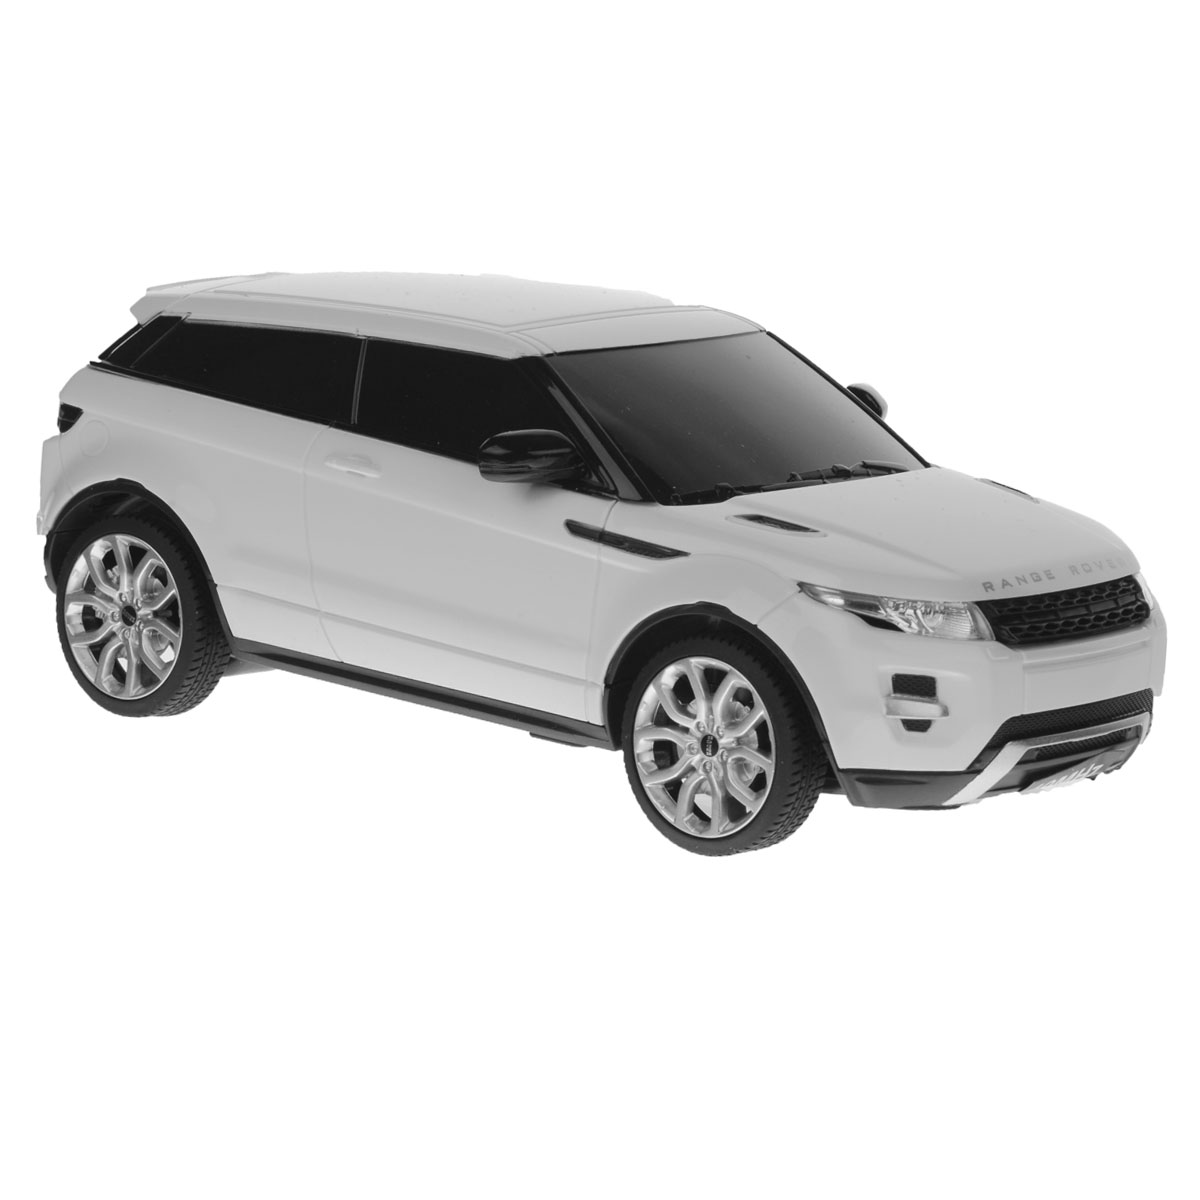 Rastar Радиоуправляемая модель Range Rover Evoque цвет белый масштаб 1:24 pitstop модель автомобиля range rover evoque цвет белый